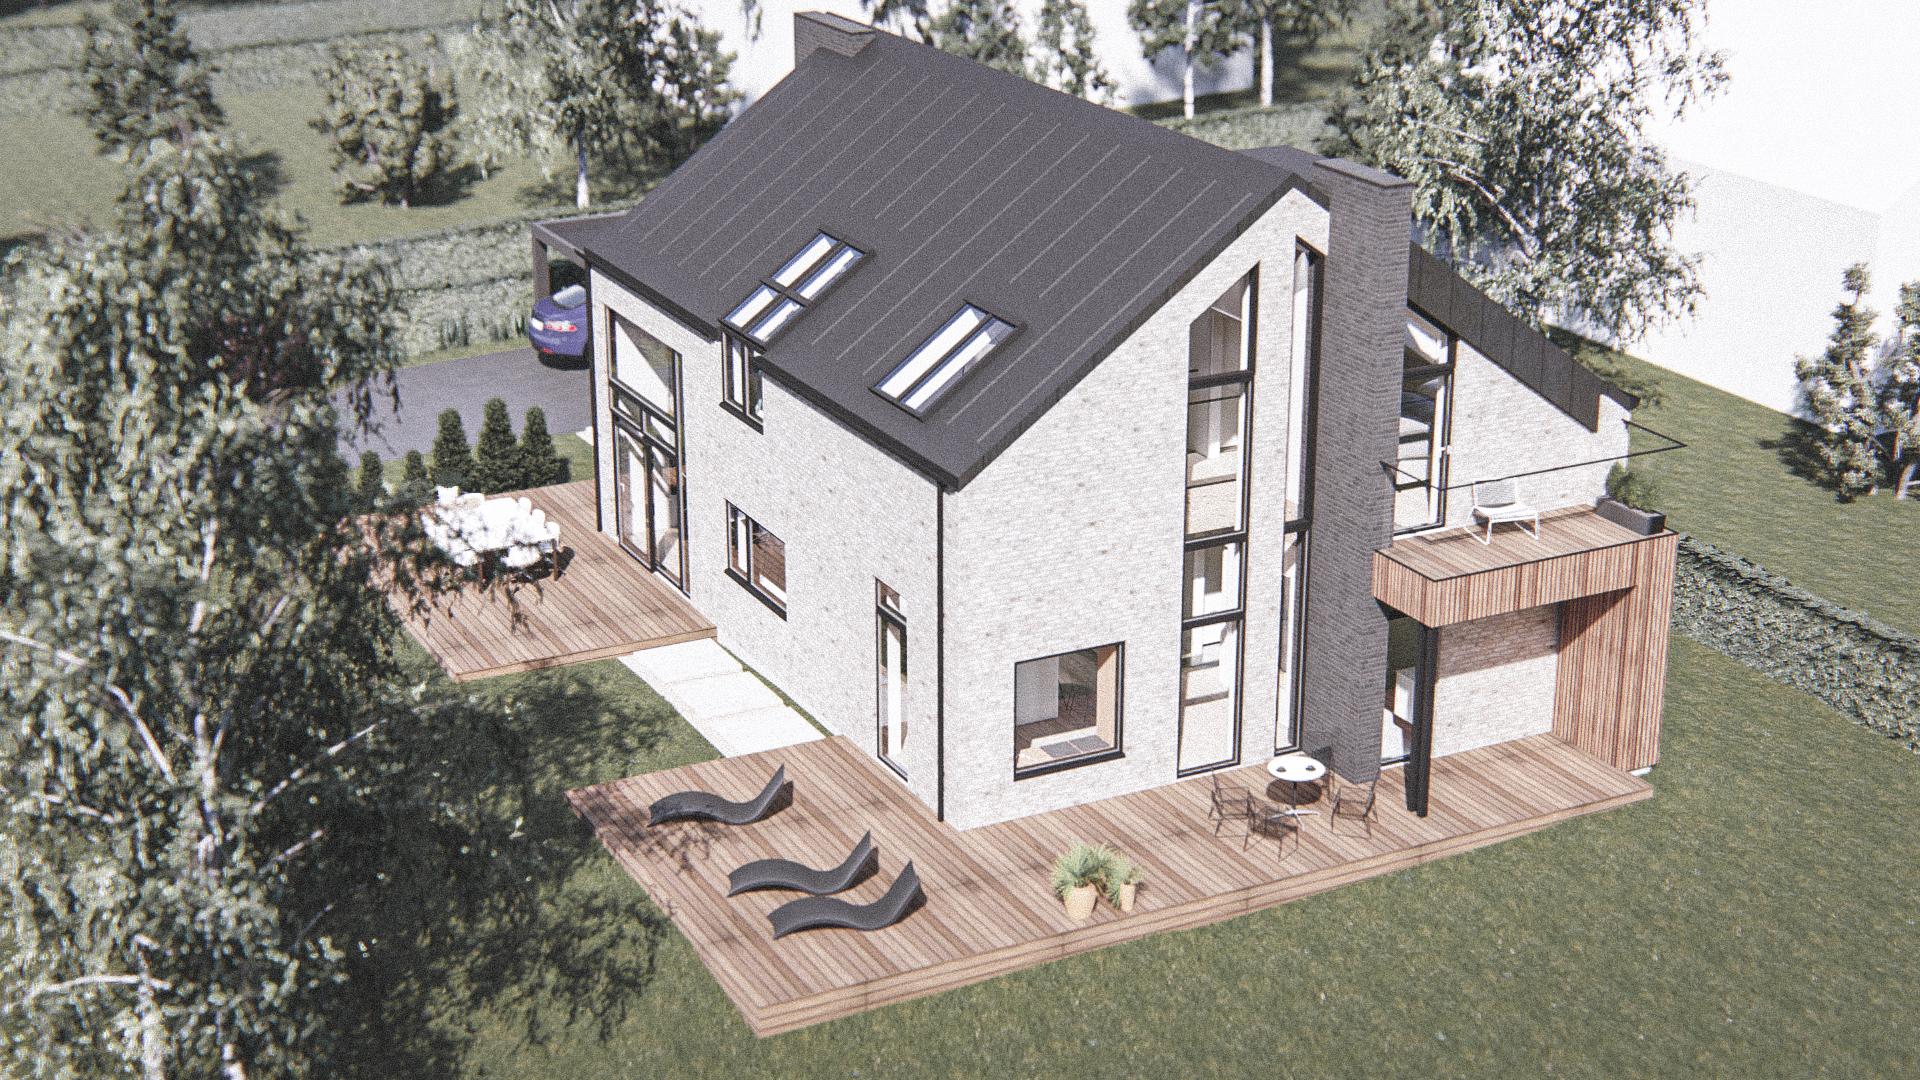 Billede af Dansk arkitekttegnet 3 plan villa af arkitektfirmaet m2plus, i Svendborg på 227 kvartratmeter.